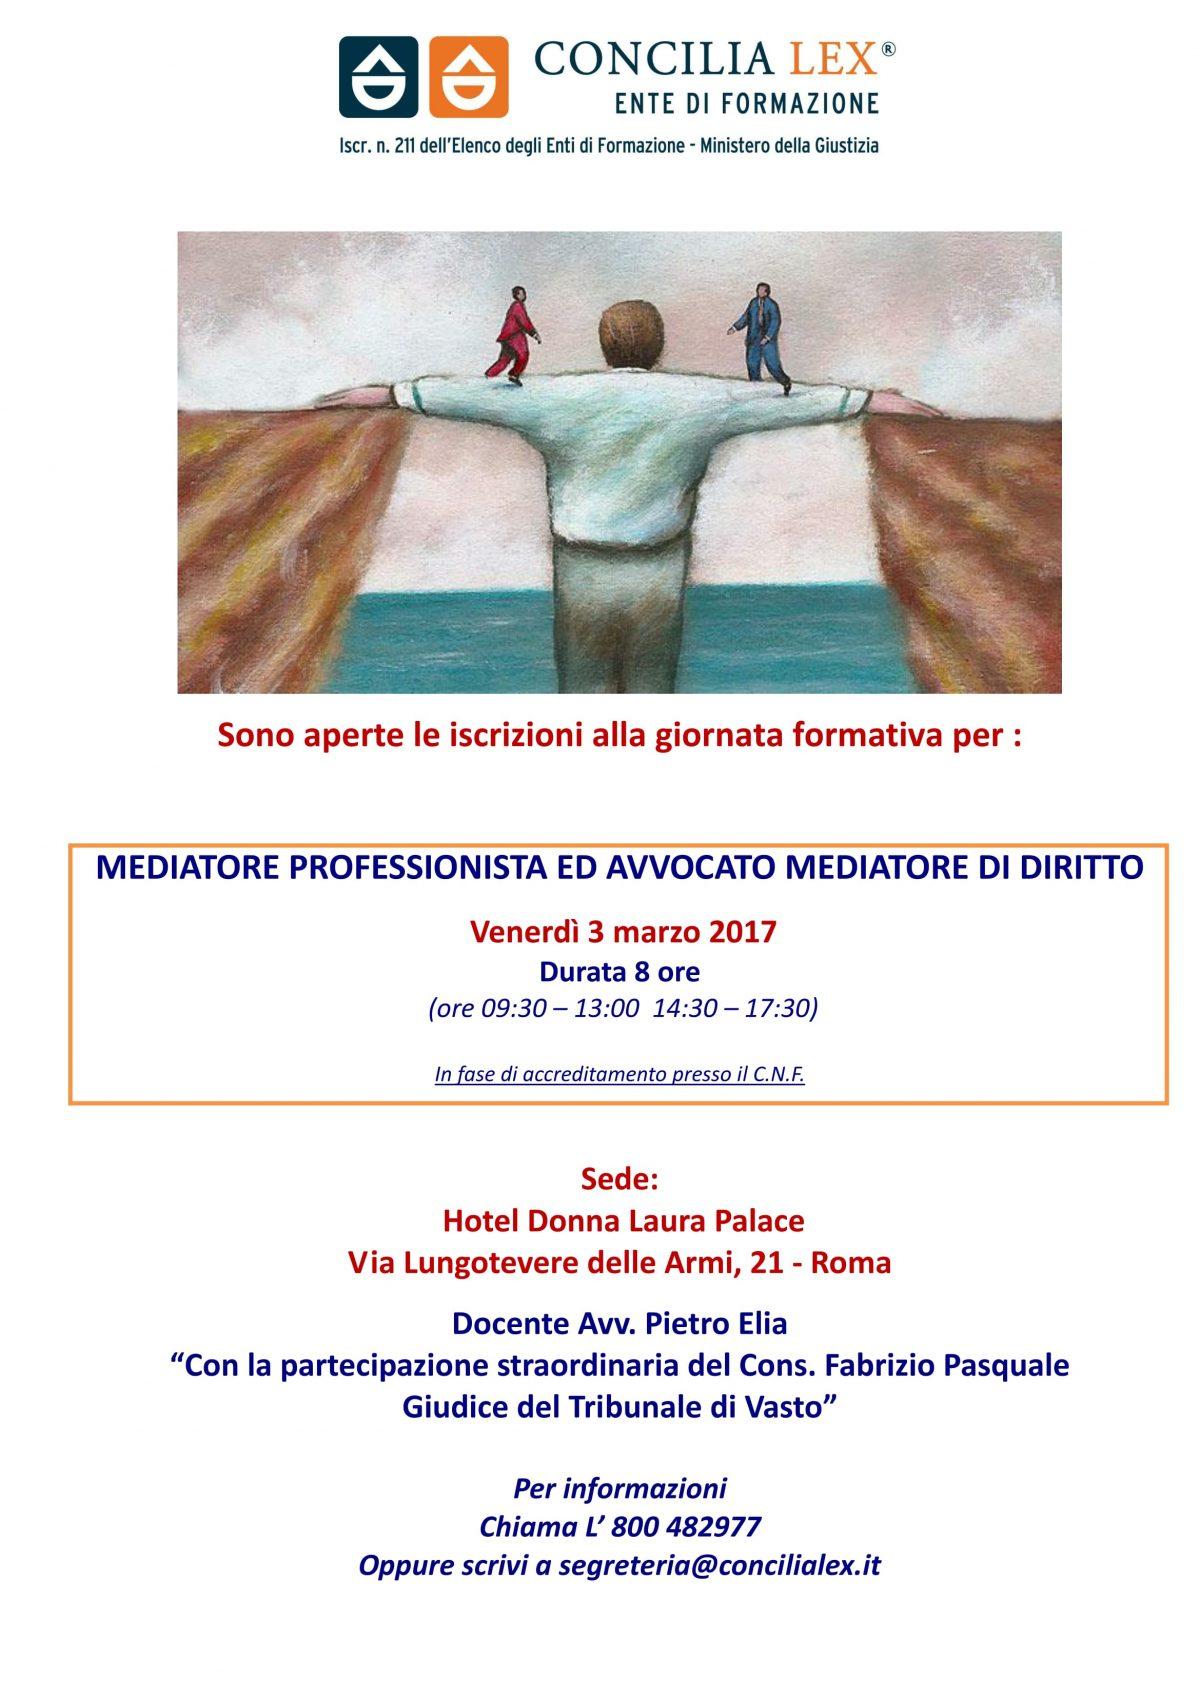 Giornata formativa speciale Concilia Lex a Roma venerdì 3 marzo